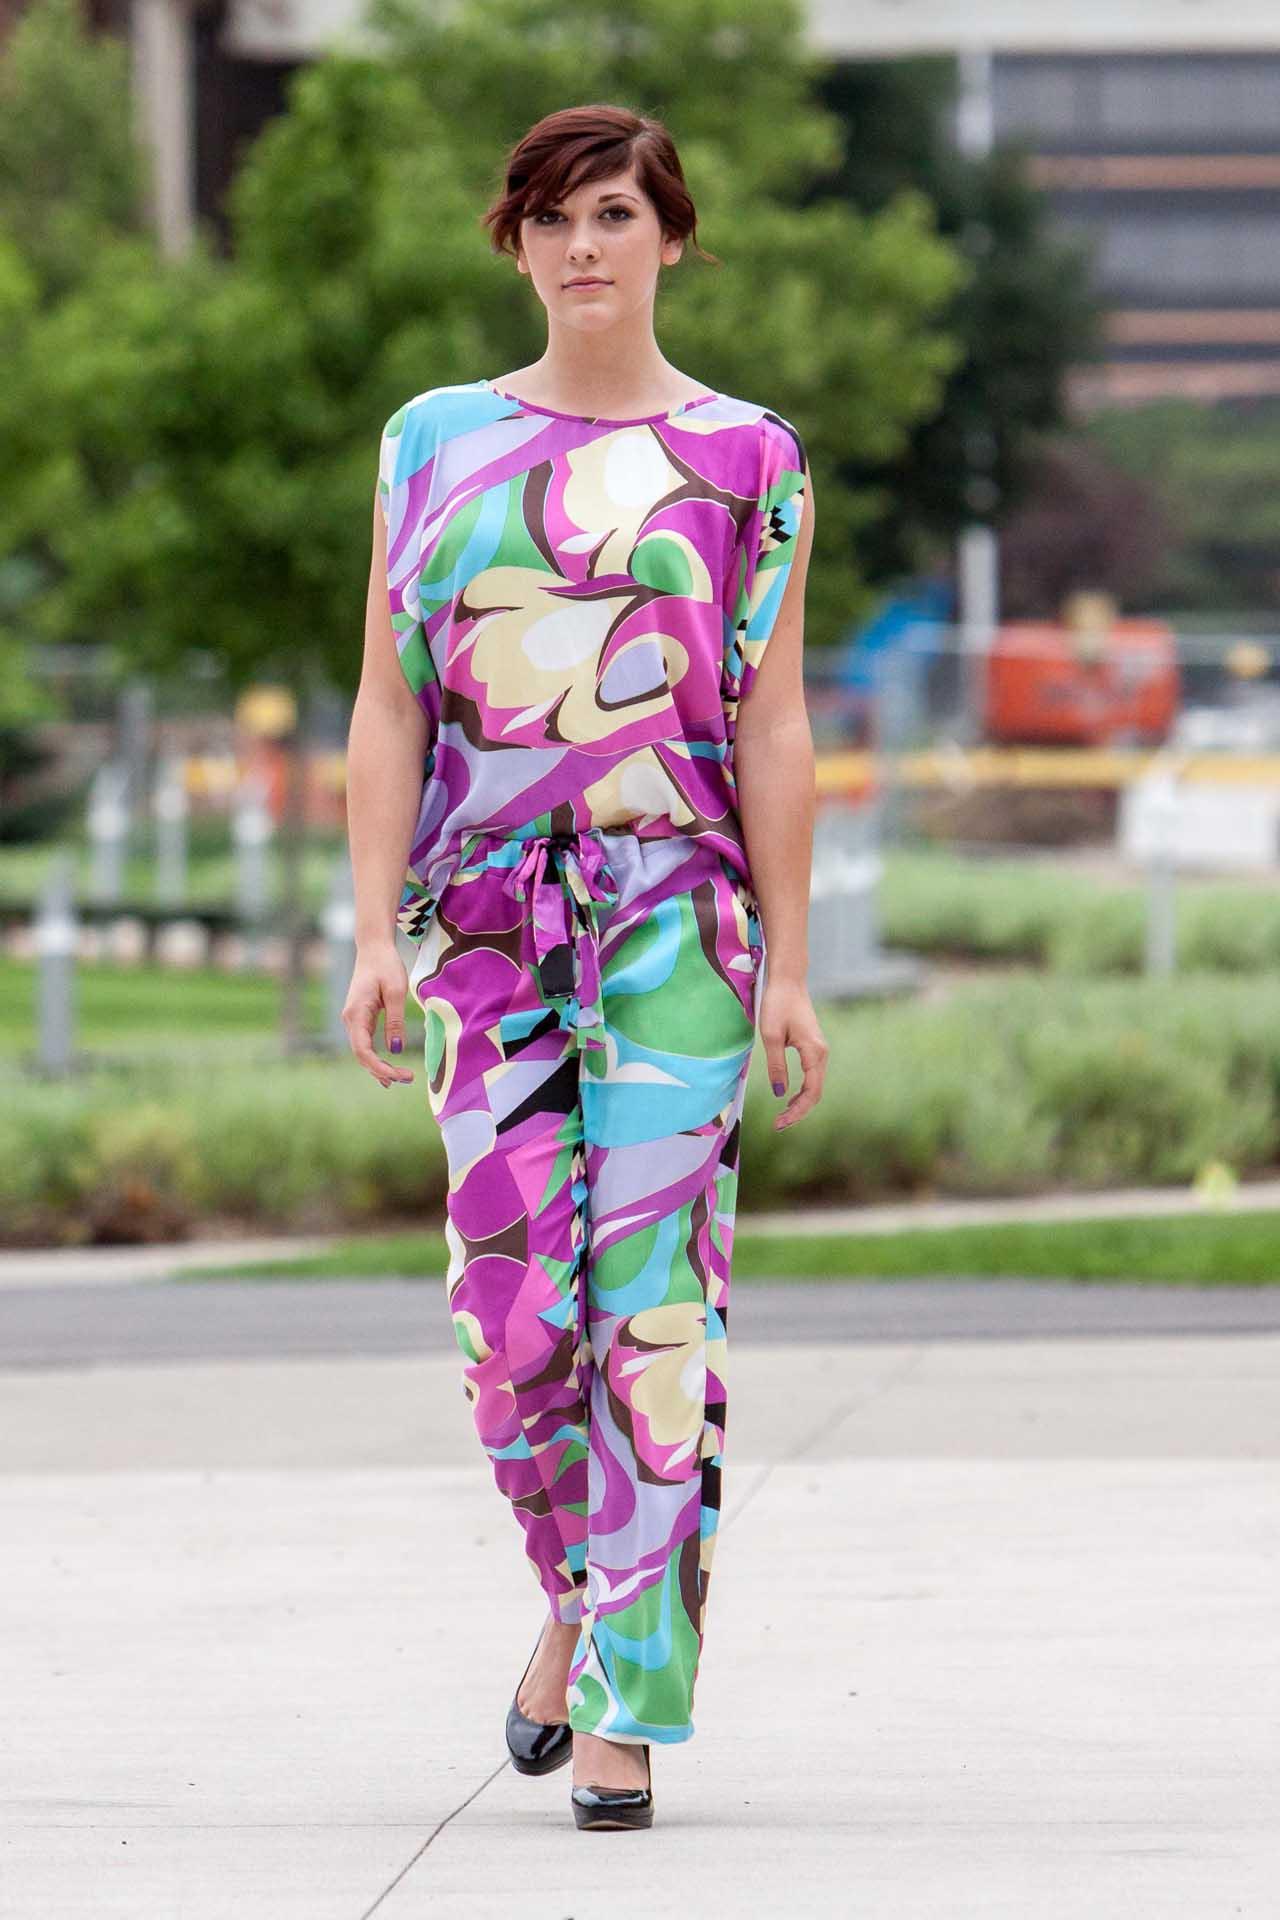 Detroit Based Fashion Designers